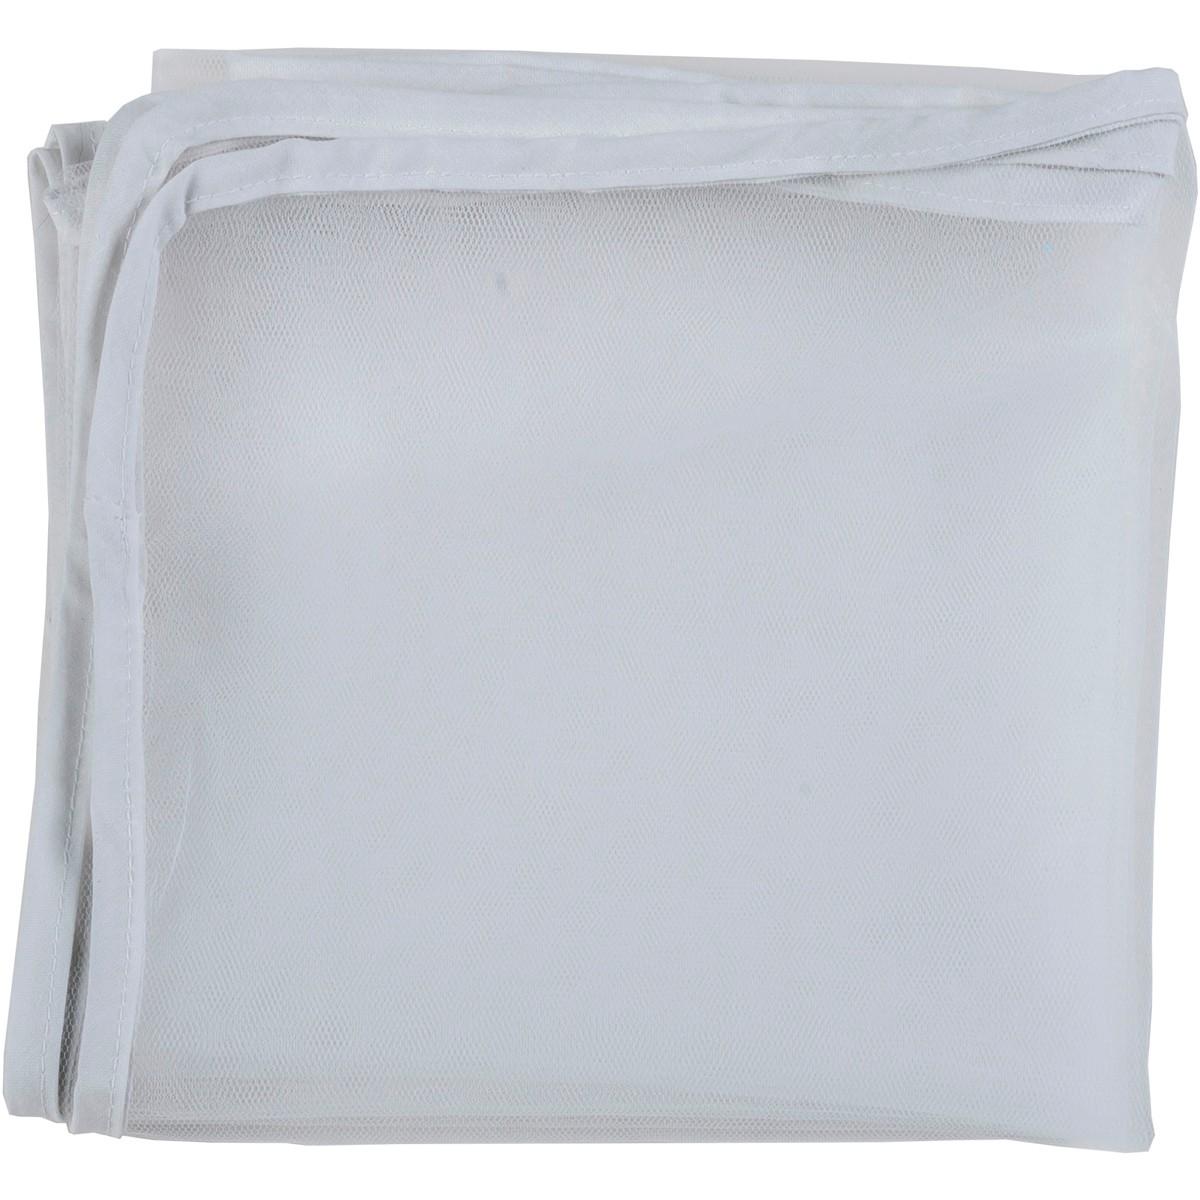 Κουνουπιέρα Καλαθούνας Κόσμος Του Μωρού Λευκή 0662 45101